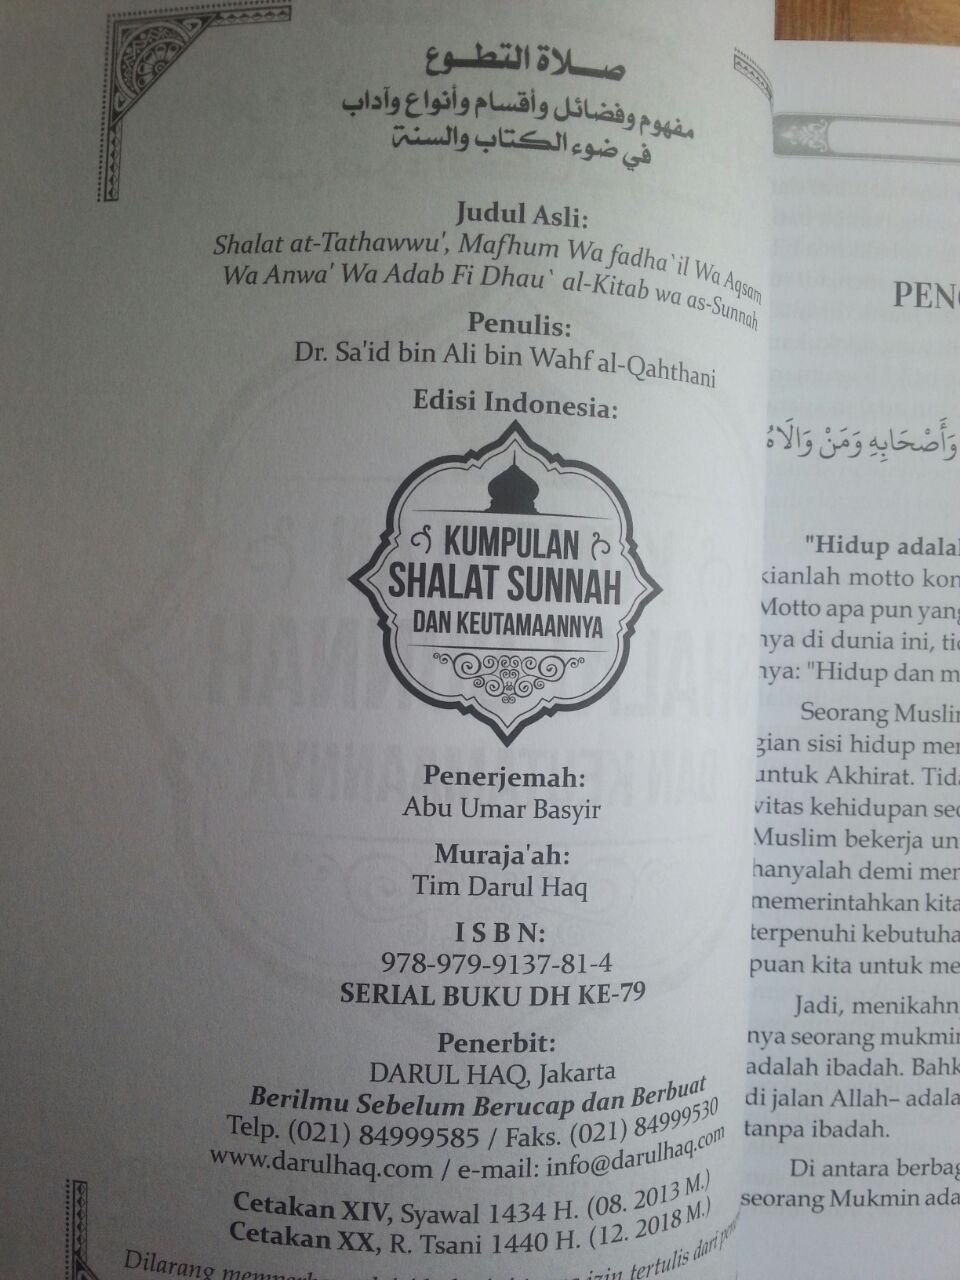 Buku Kumpulan Shalat Sunnah Dan Keutamaannya isi